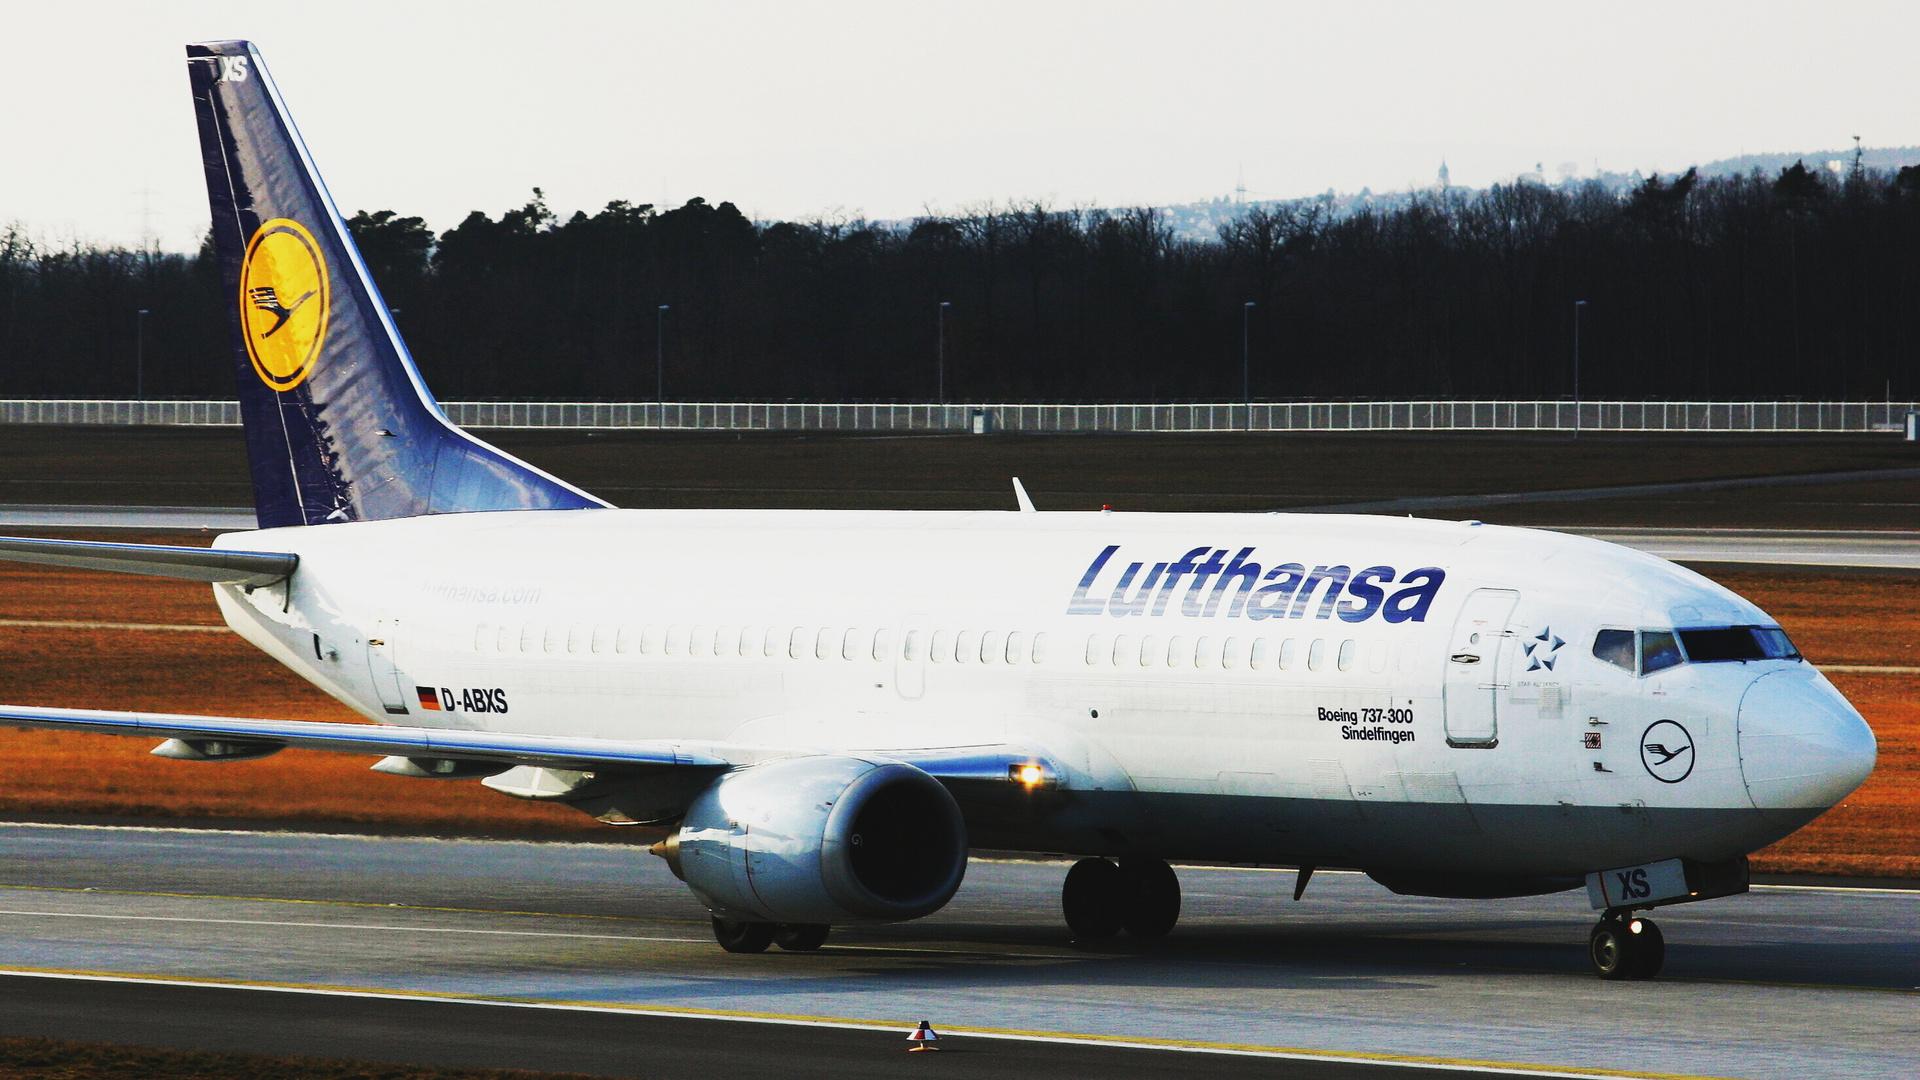 Lufthansa Boeing 737